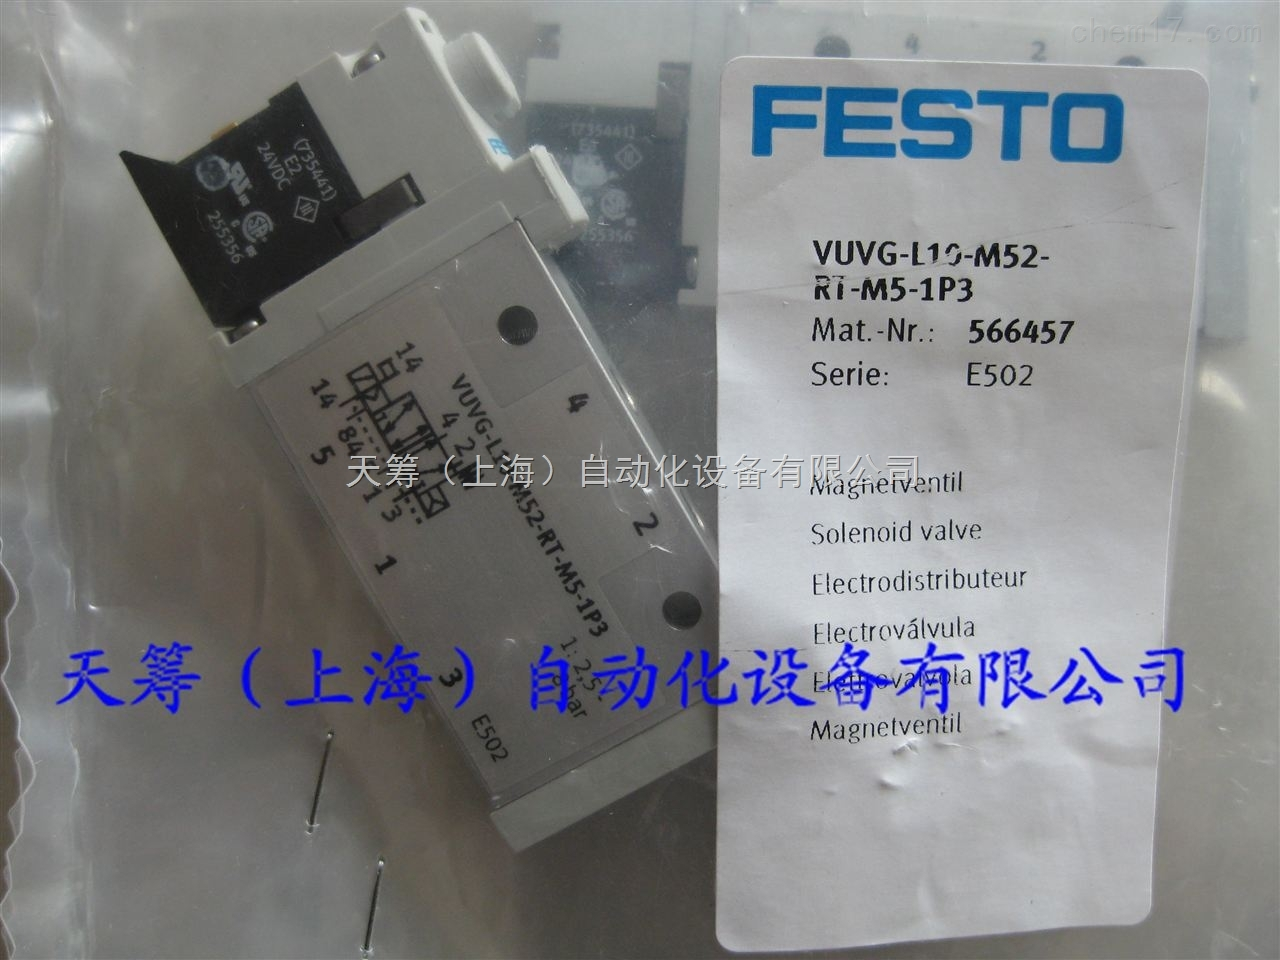 FESTO产品VUVG系列电磁阀VUVG-L10-M52-RT-M5-1